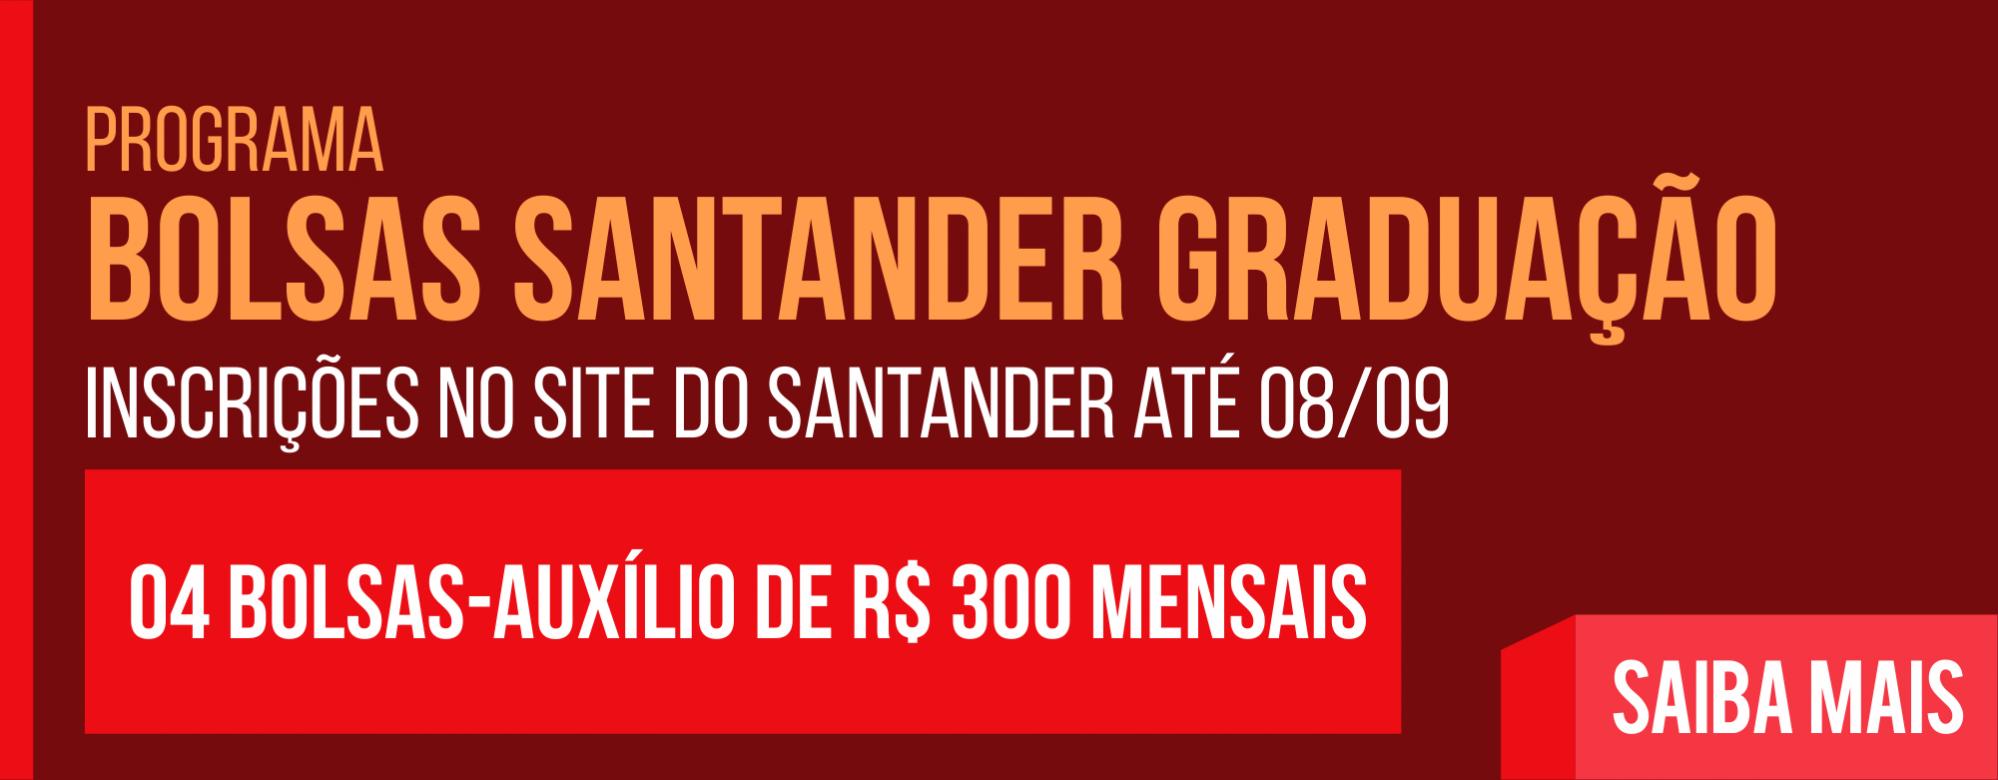 Bolsas Santander Graduação - Inscrições até 08/09